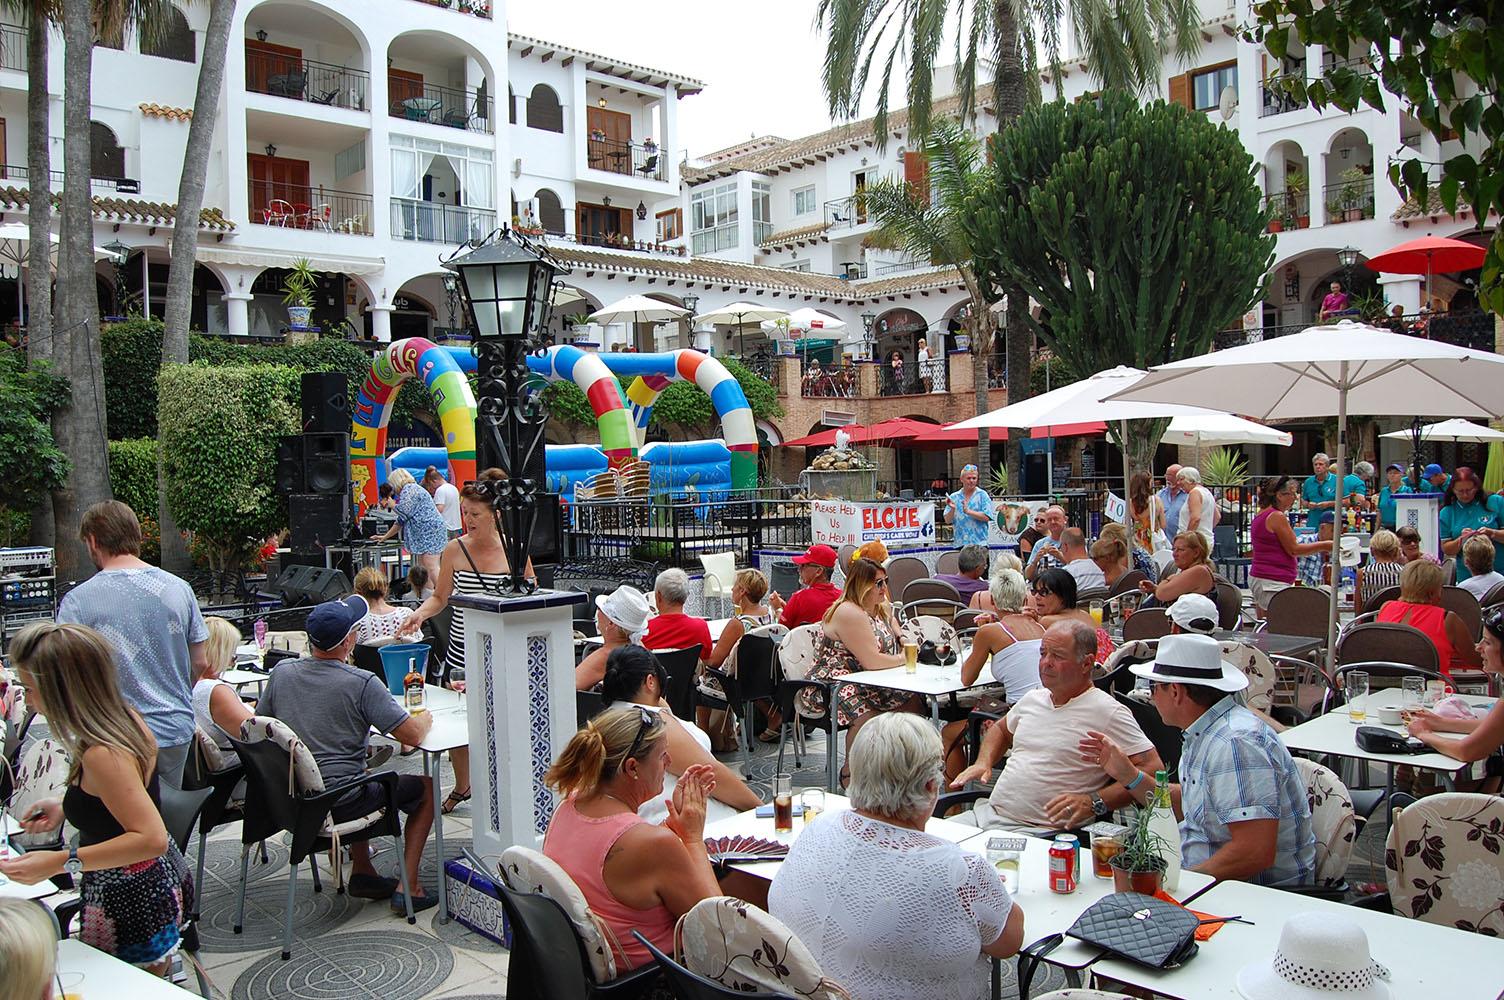 Charity Days in Villamartin Plaza